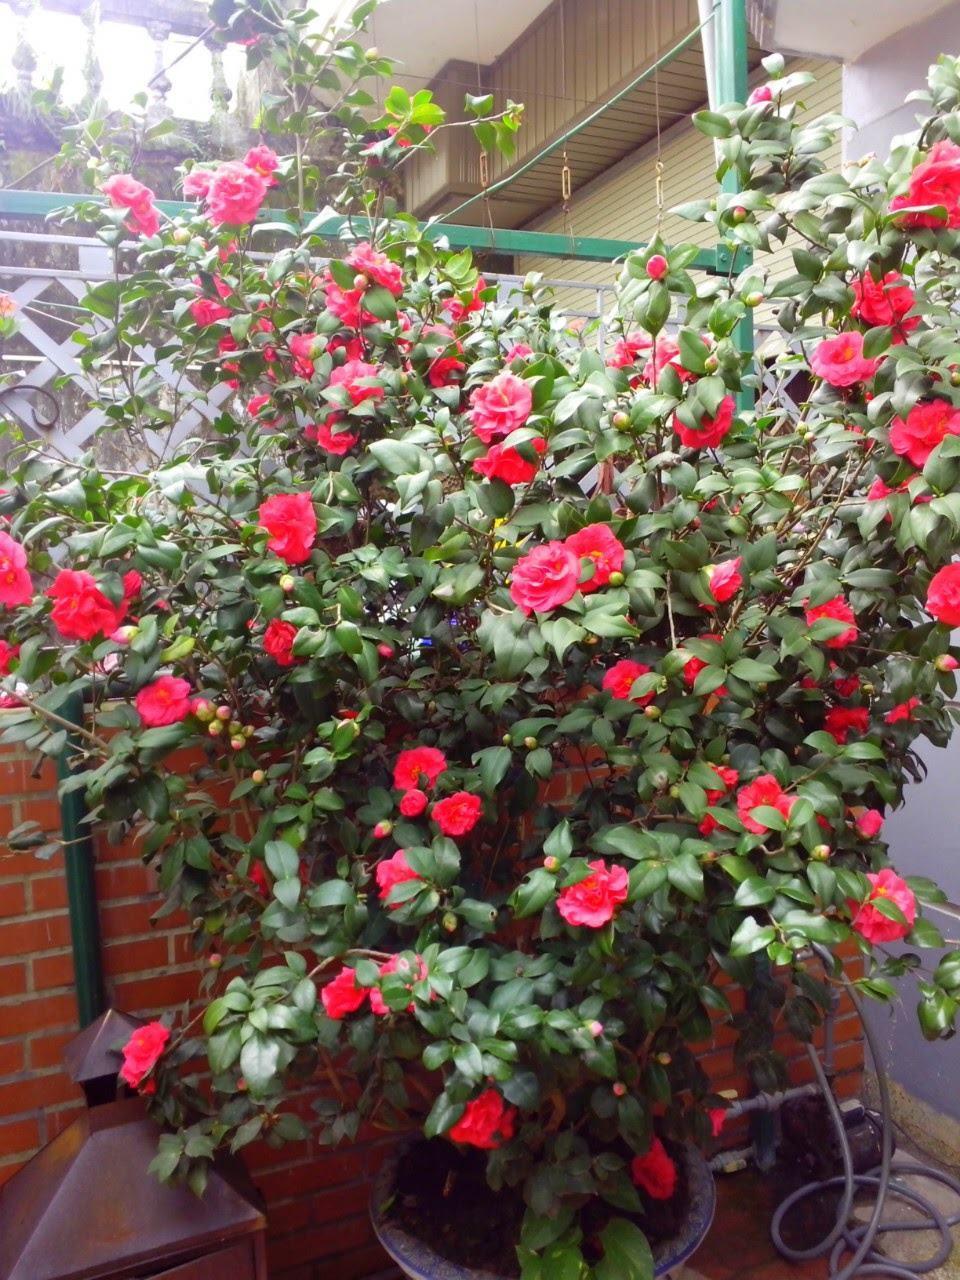 Cây hoa trà mi - Vẻ đẹp làm say đắm lòng người, món quà ý nghĩa - 2